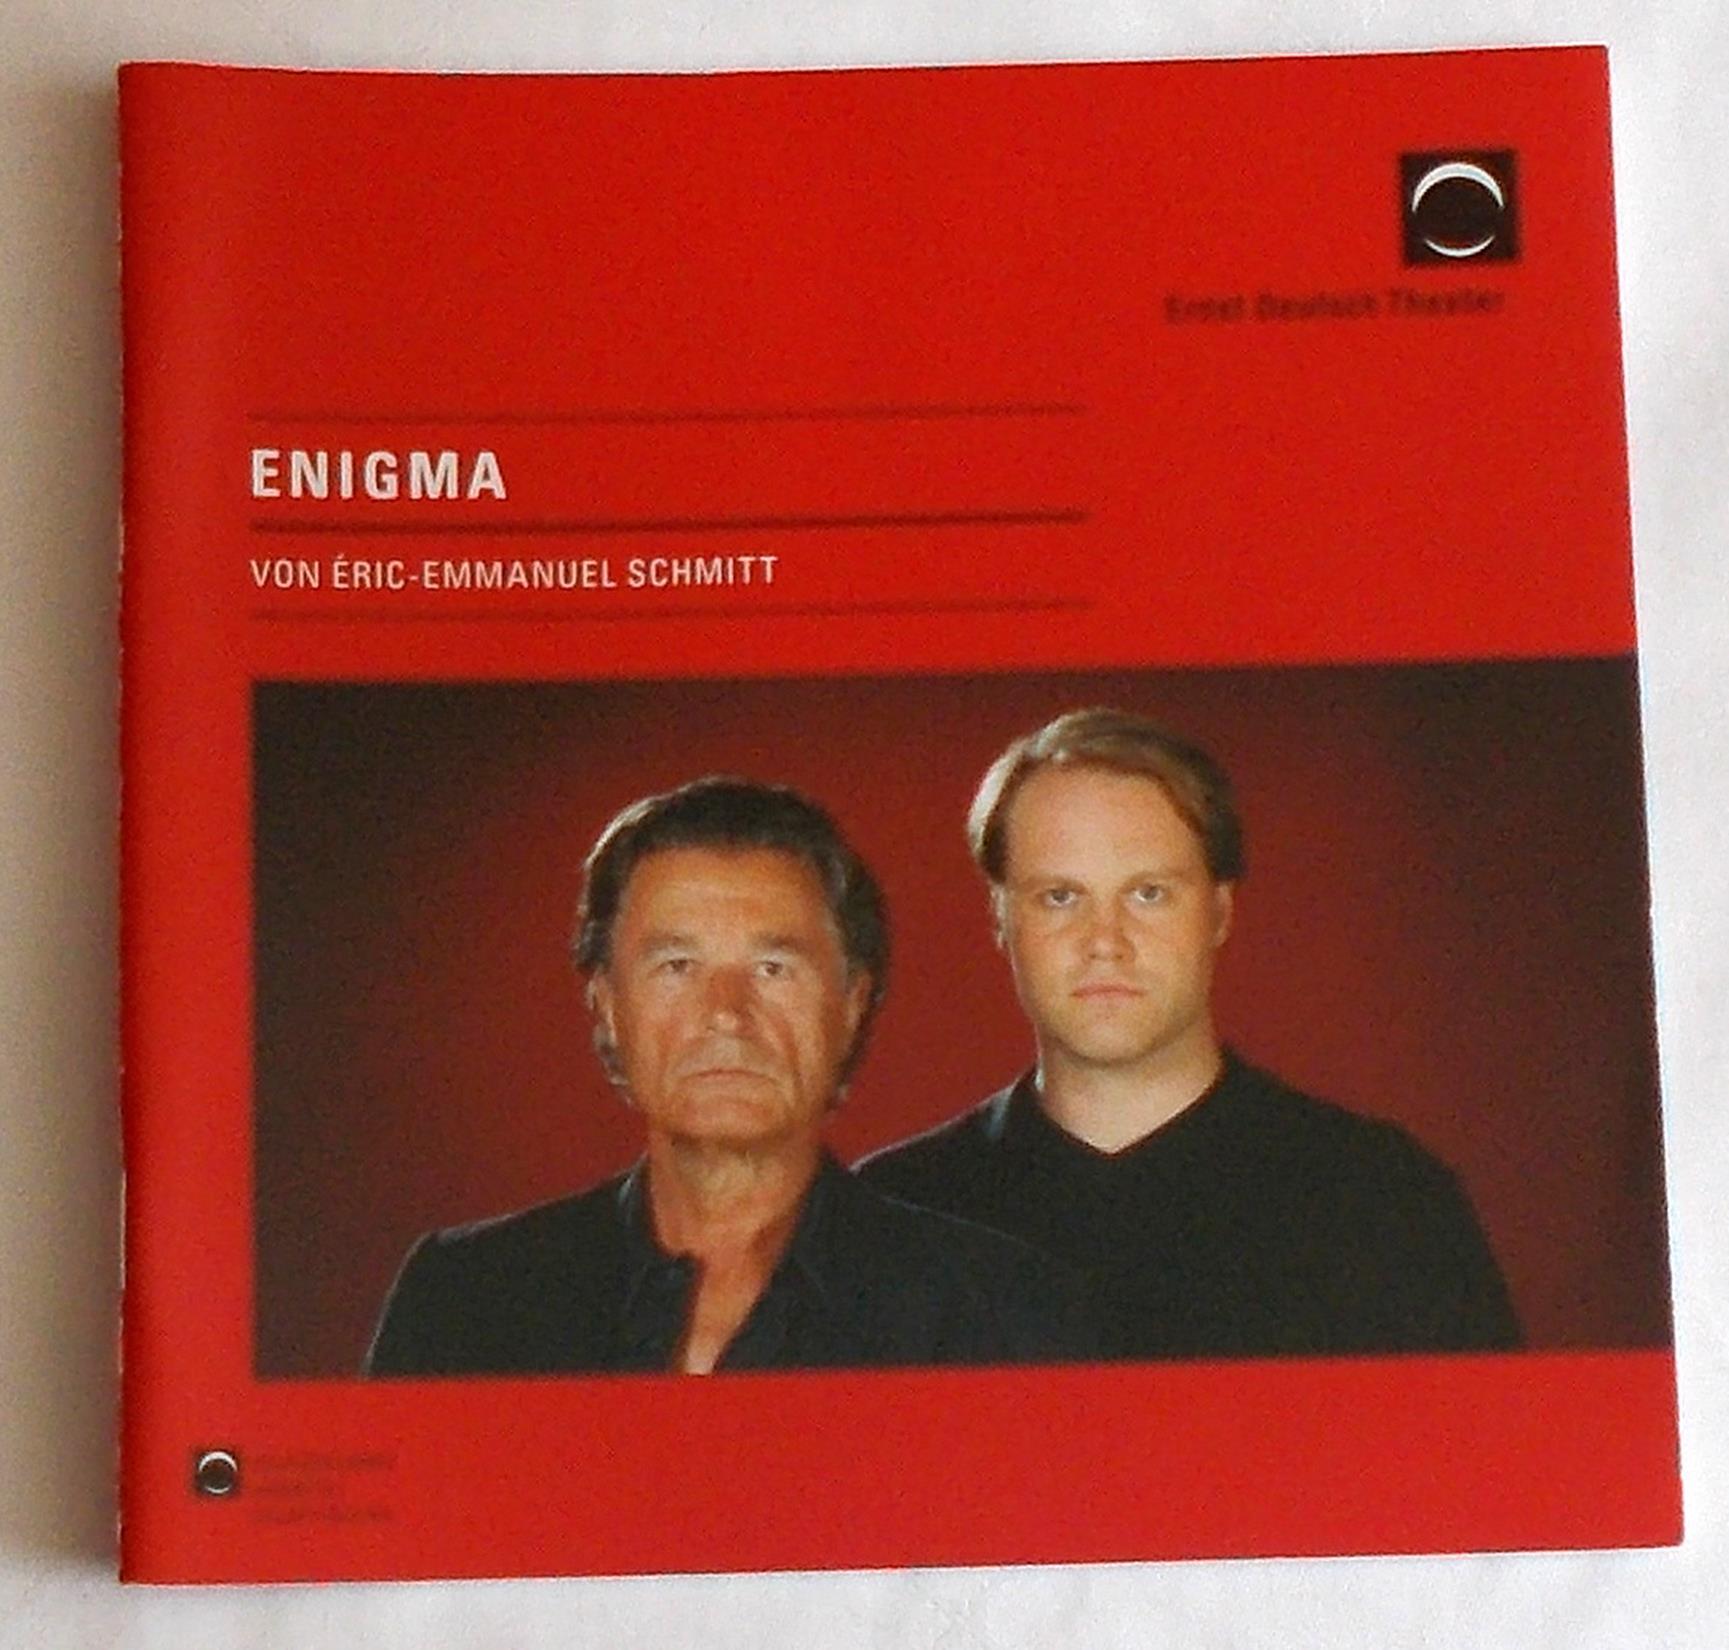 Programmheft ENIGMA von Eric-Emmanuel Schmitt. Ernst Deutsch Theater 2009